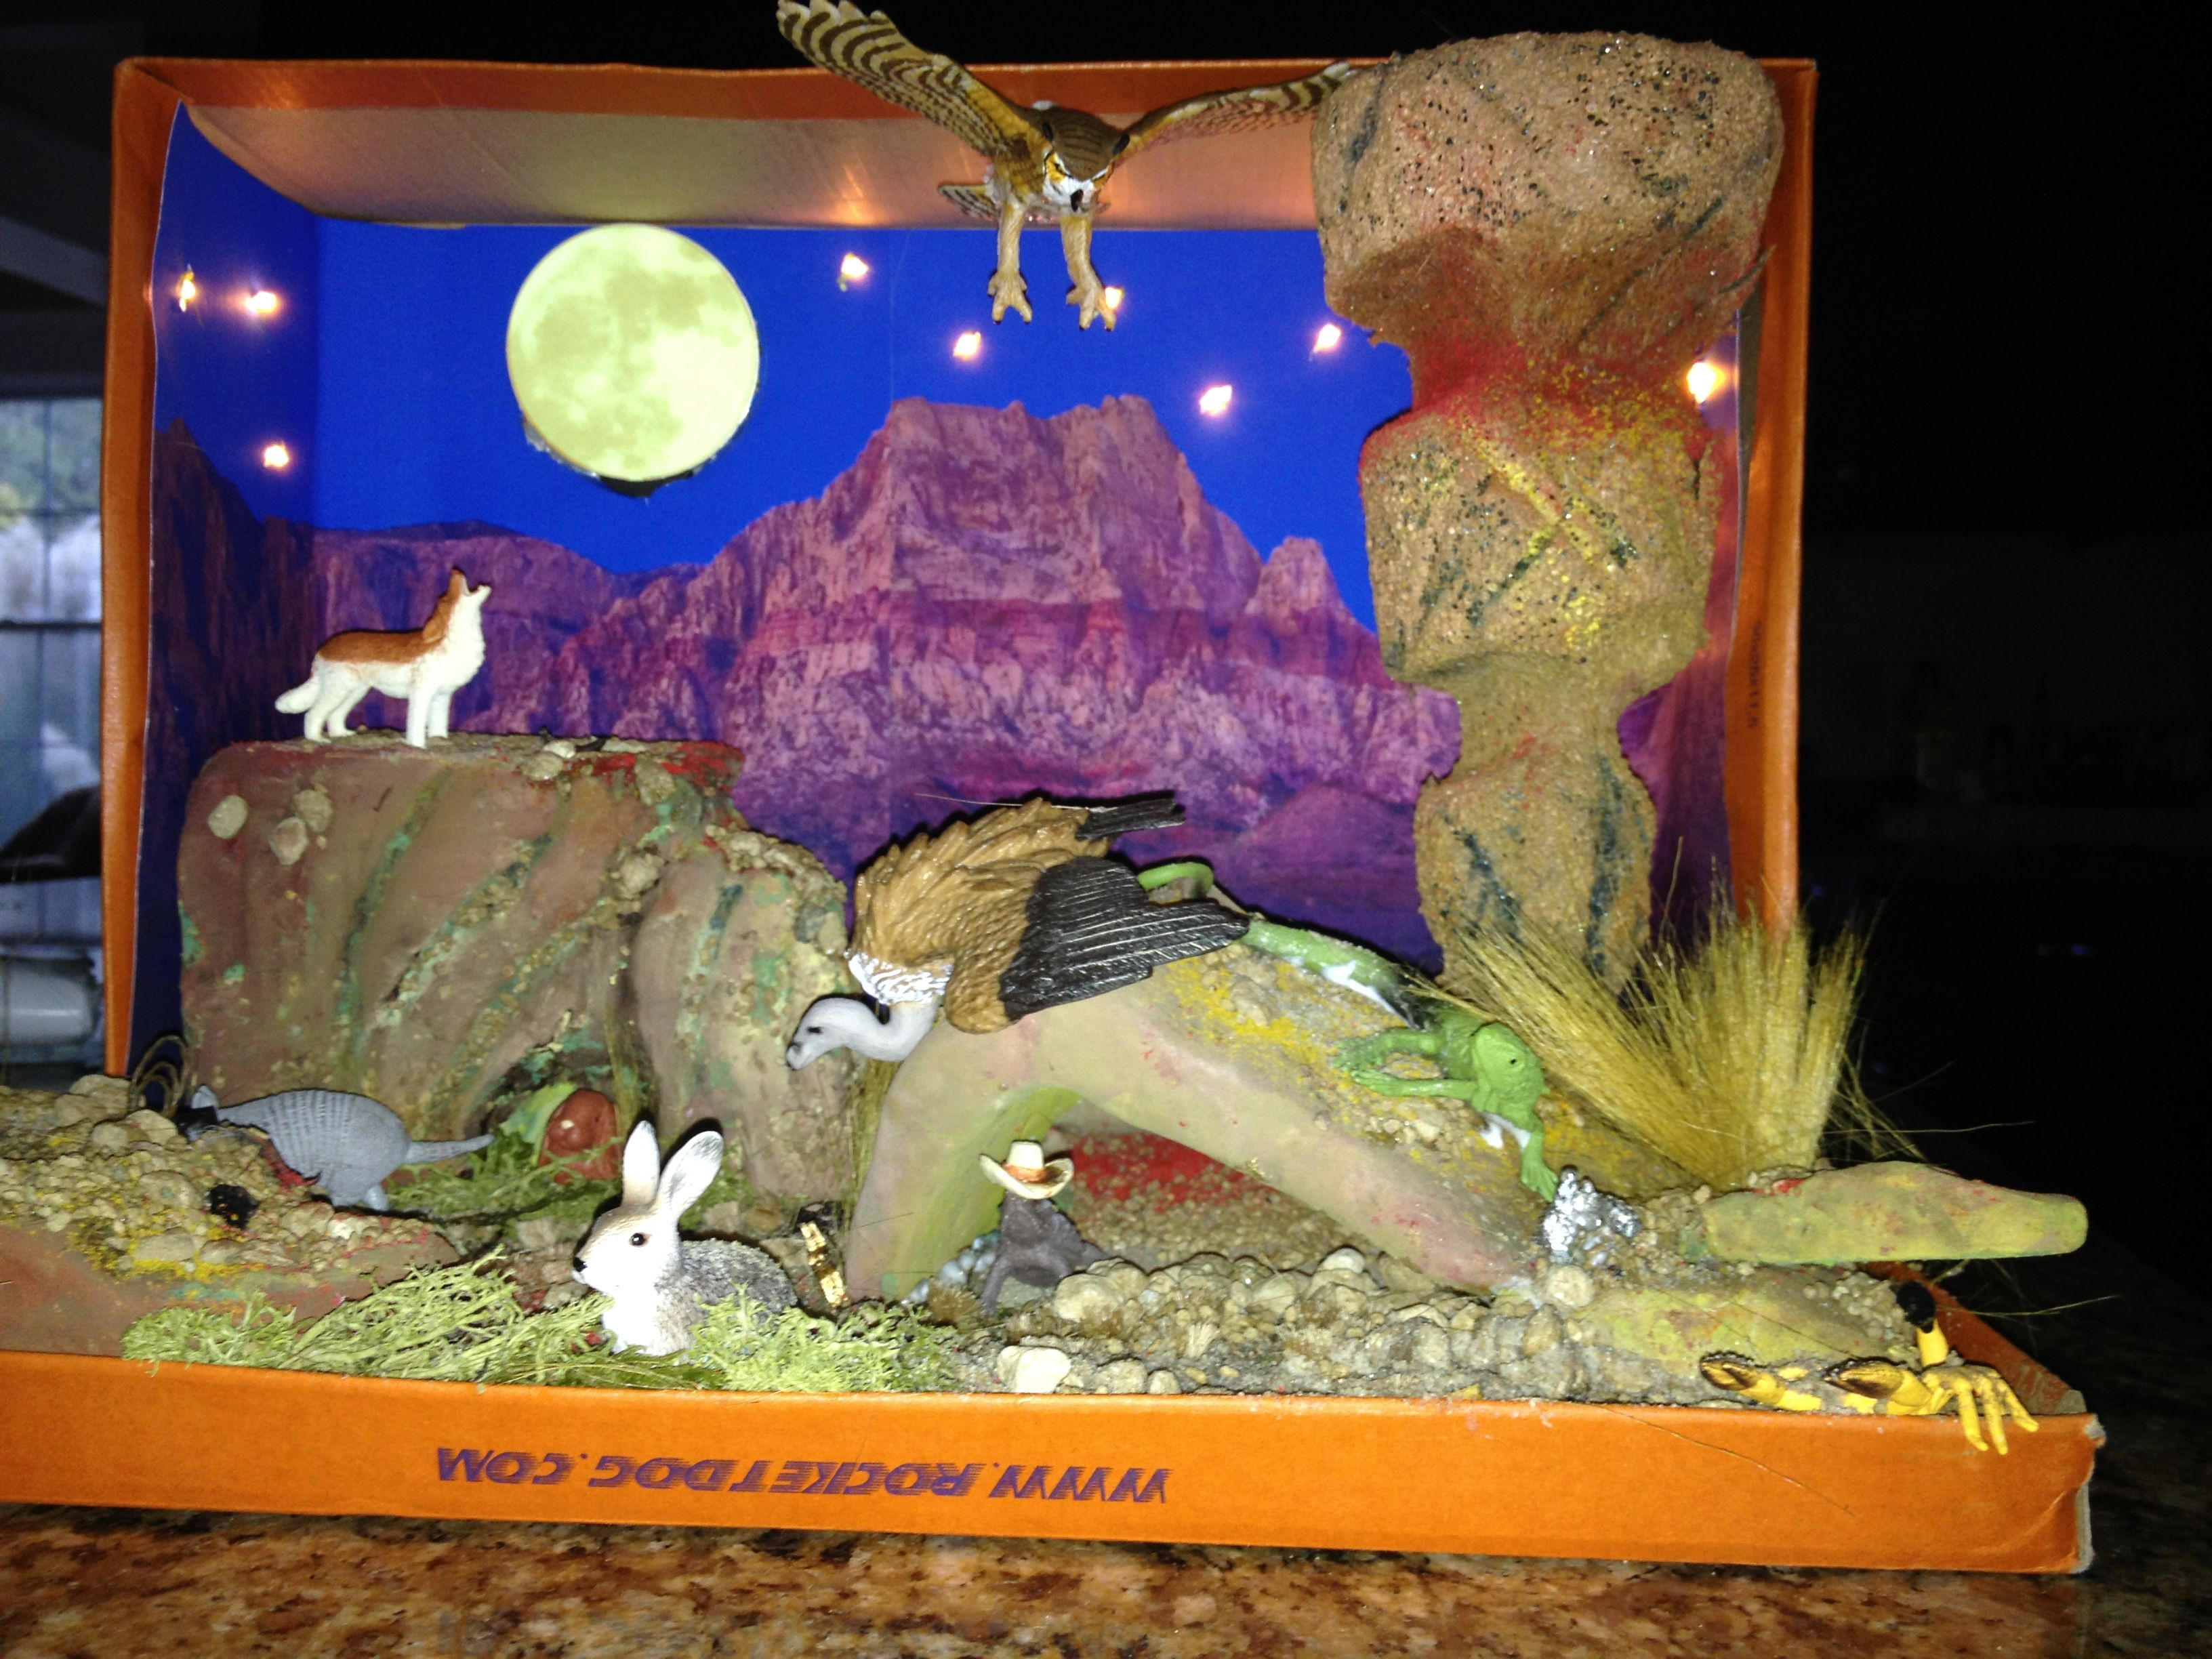 desert hawk diagram 1981 porsche 924 wiring shoebox diorama made for 3rd grade project second